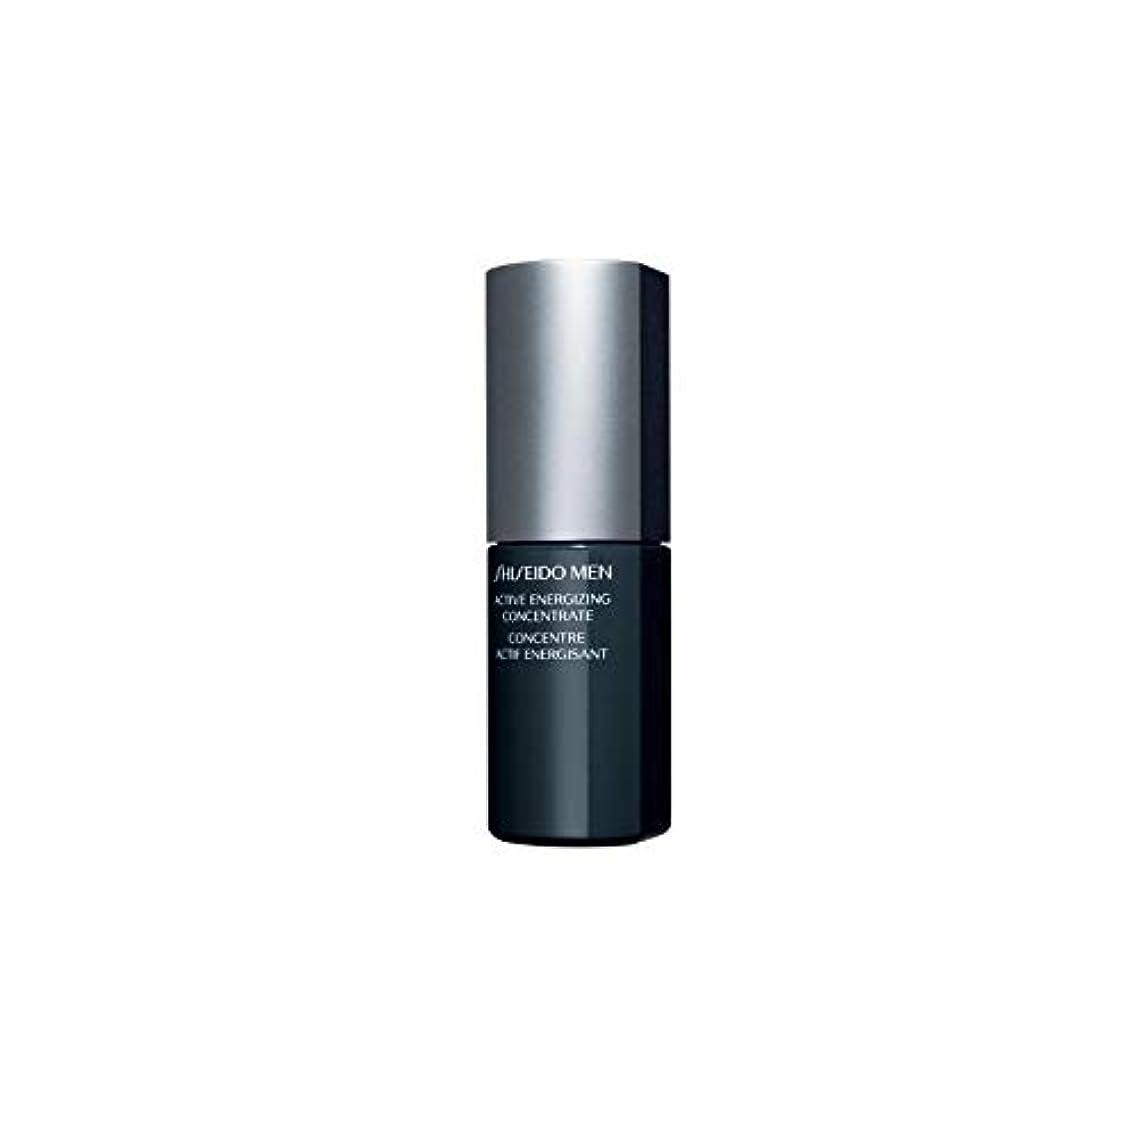 受信機サーマル悪性の[Shiseido ] 資生堂メンズアクティブ通電濃縮液(50ミリリットル) - Shiseido Mens Active Energizing Concentrate (50ml) [並行輸入品]